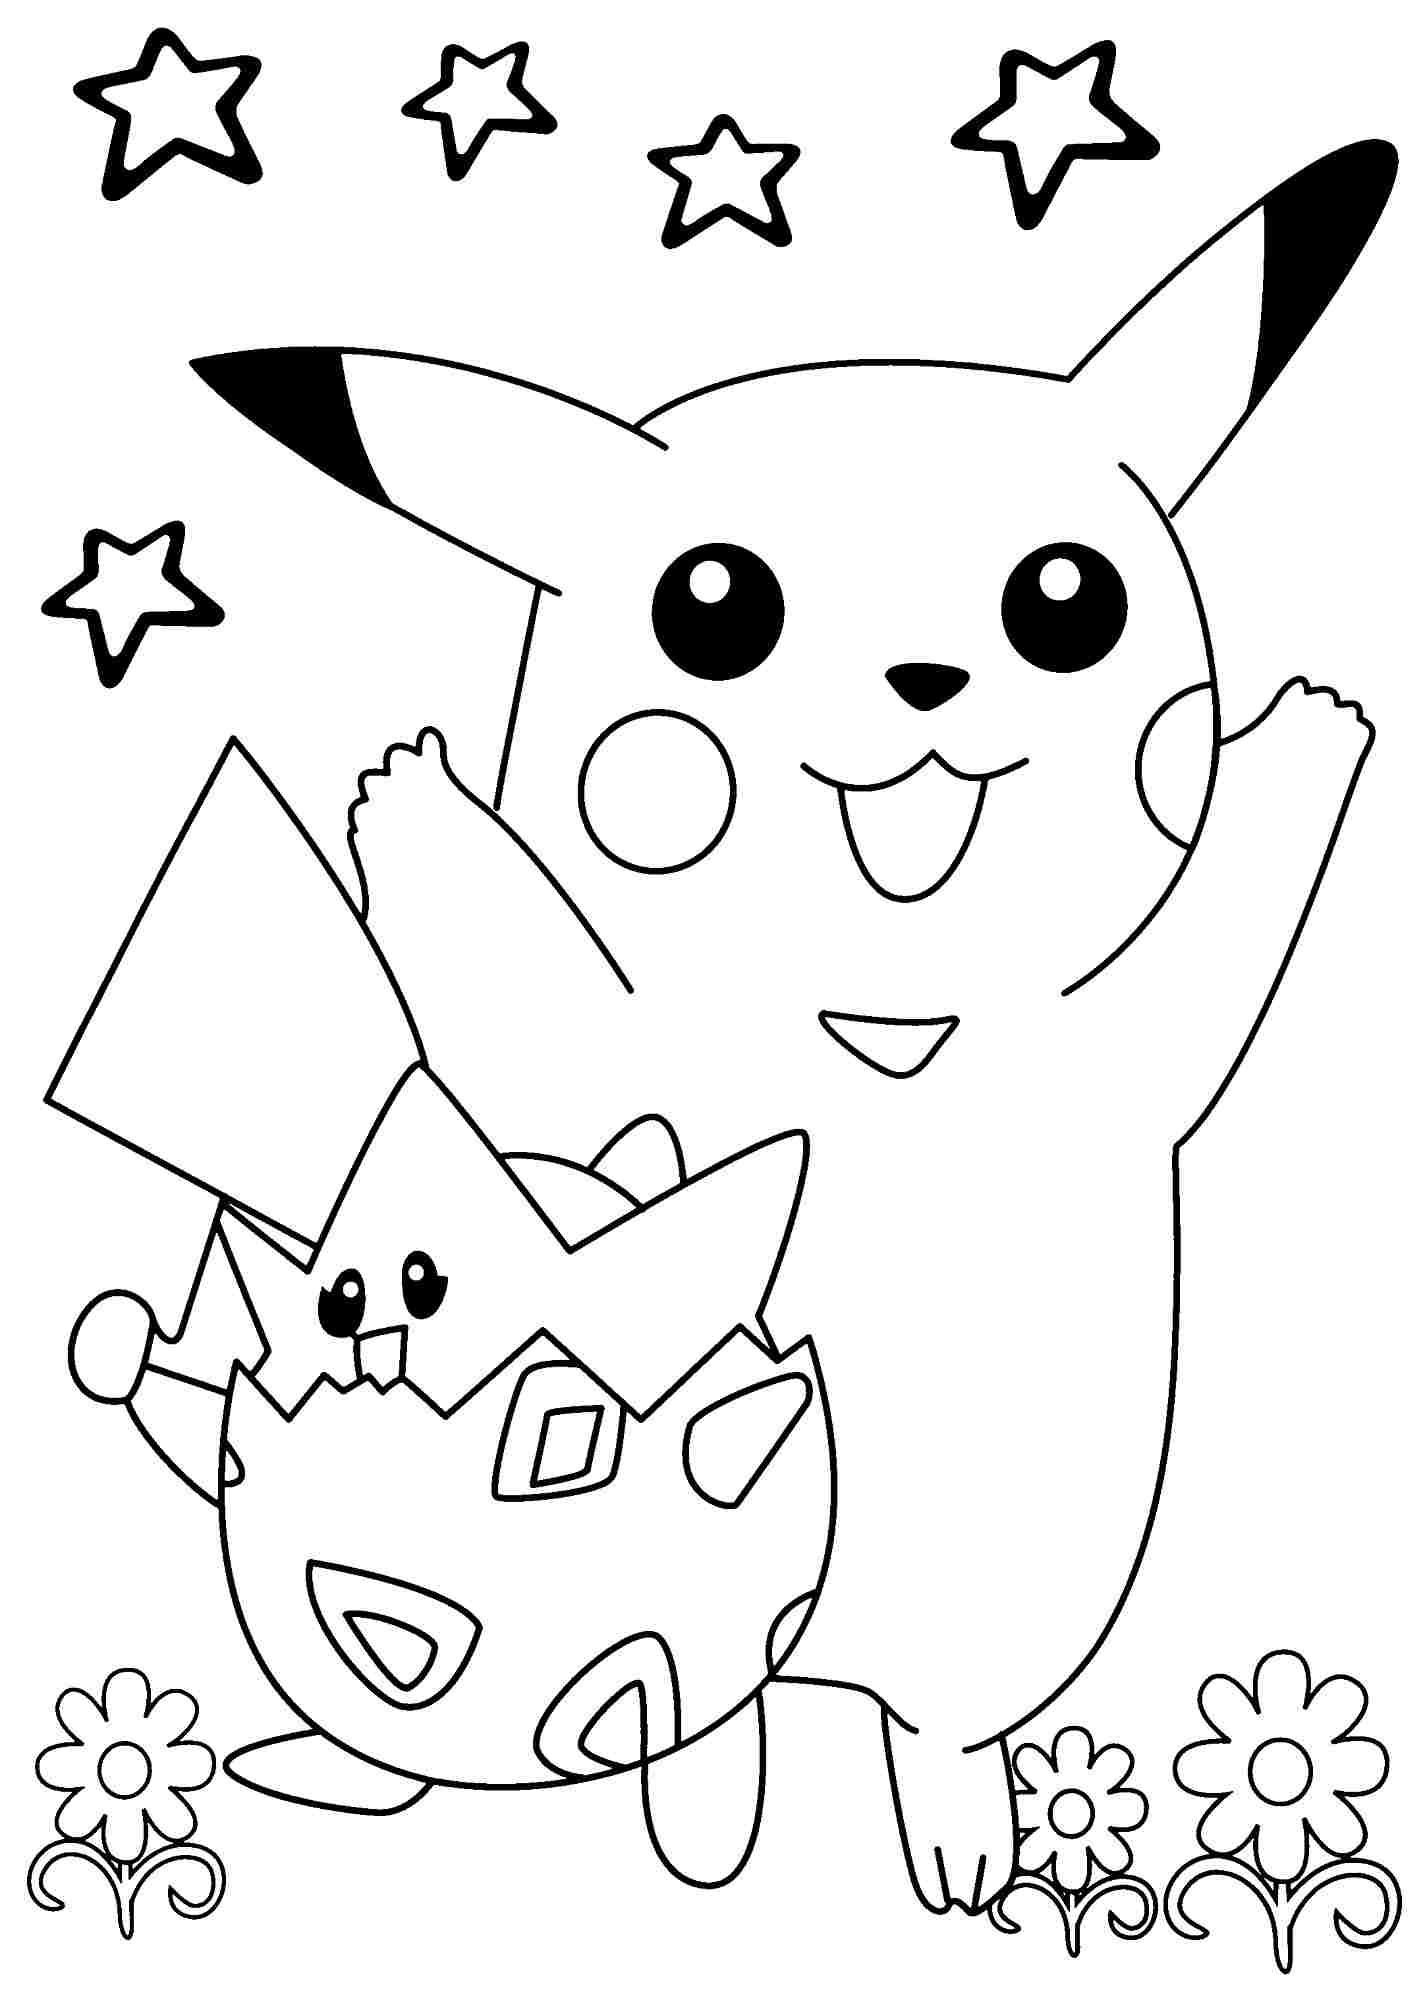 Tranh Tô Màu Đẹp Cho Bé: Tranh Tô Màu Pokemon Dễ Thương - P3